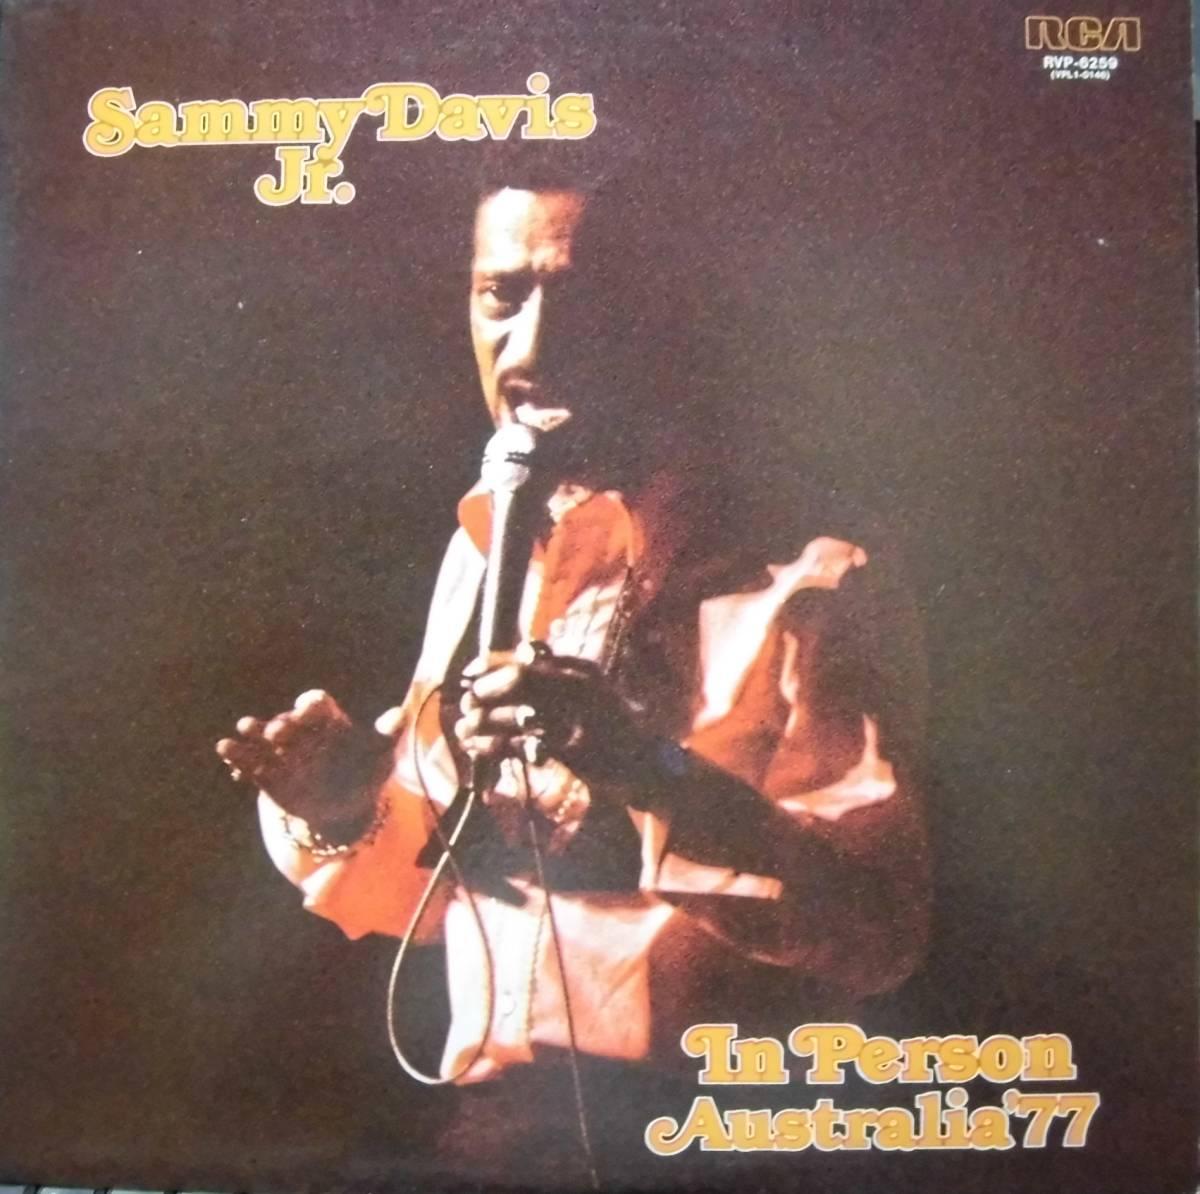 即決初回日本美盤LP/ Sammy Davis Jr. / In Person Australia '77 Live / サミー・デイヴィス・Jr _画像1